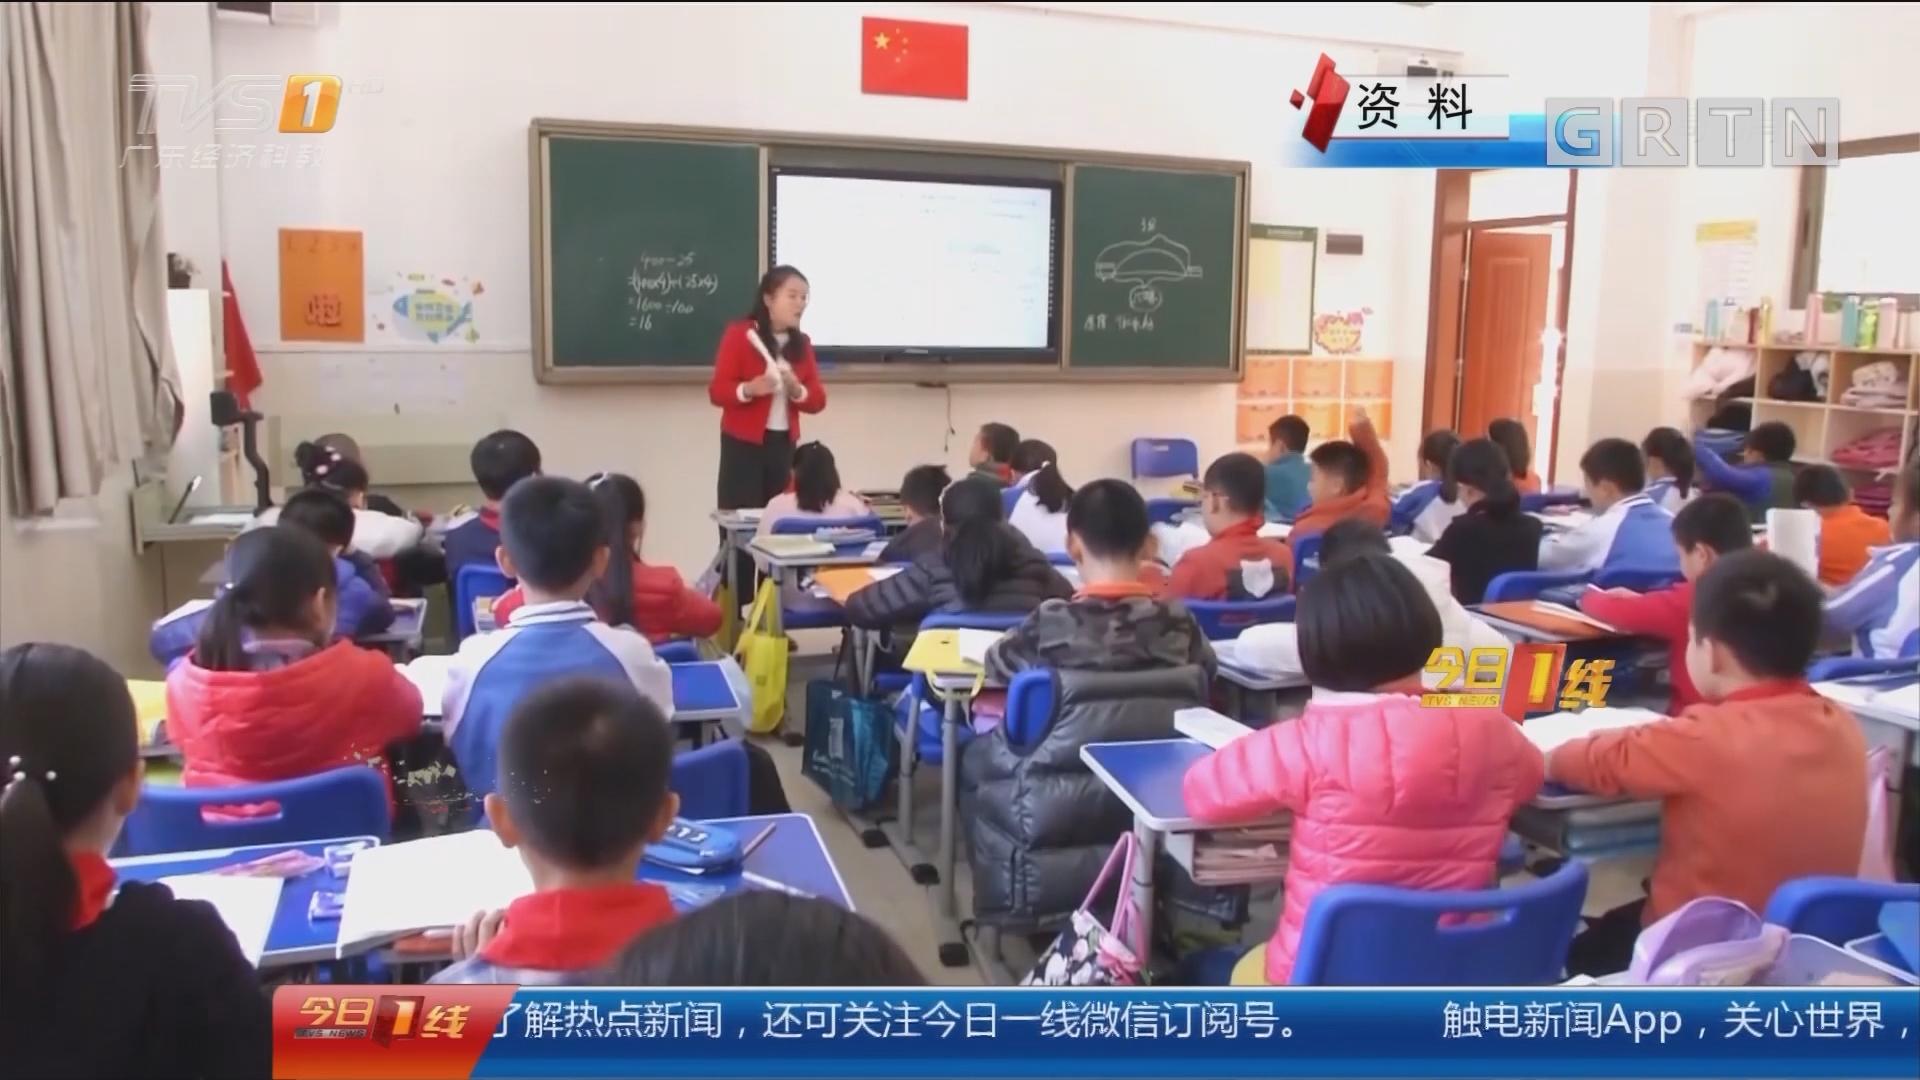 广州校内托管方案 天河:5月全面实施 家长19点接孩子都行